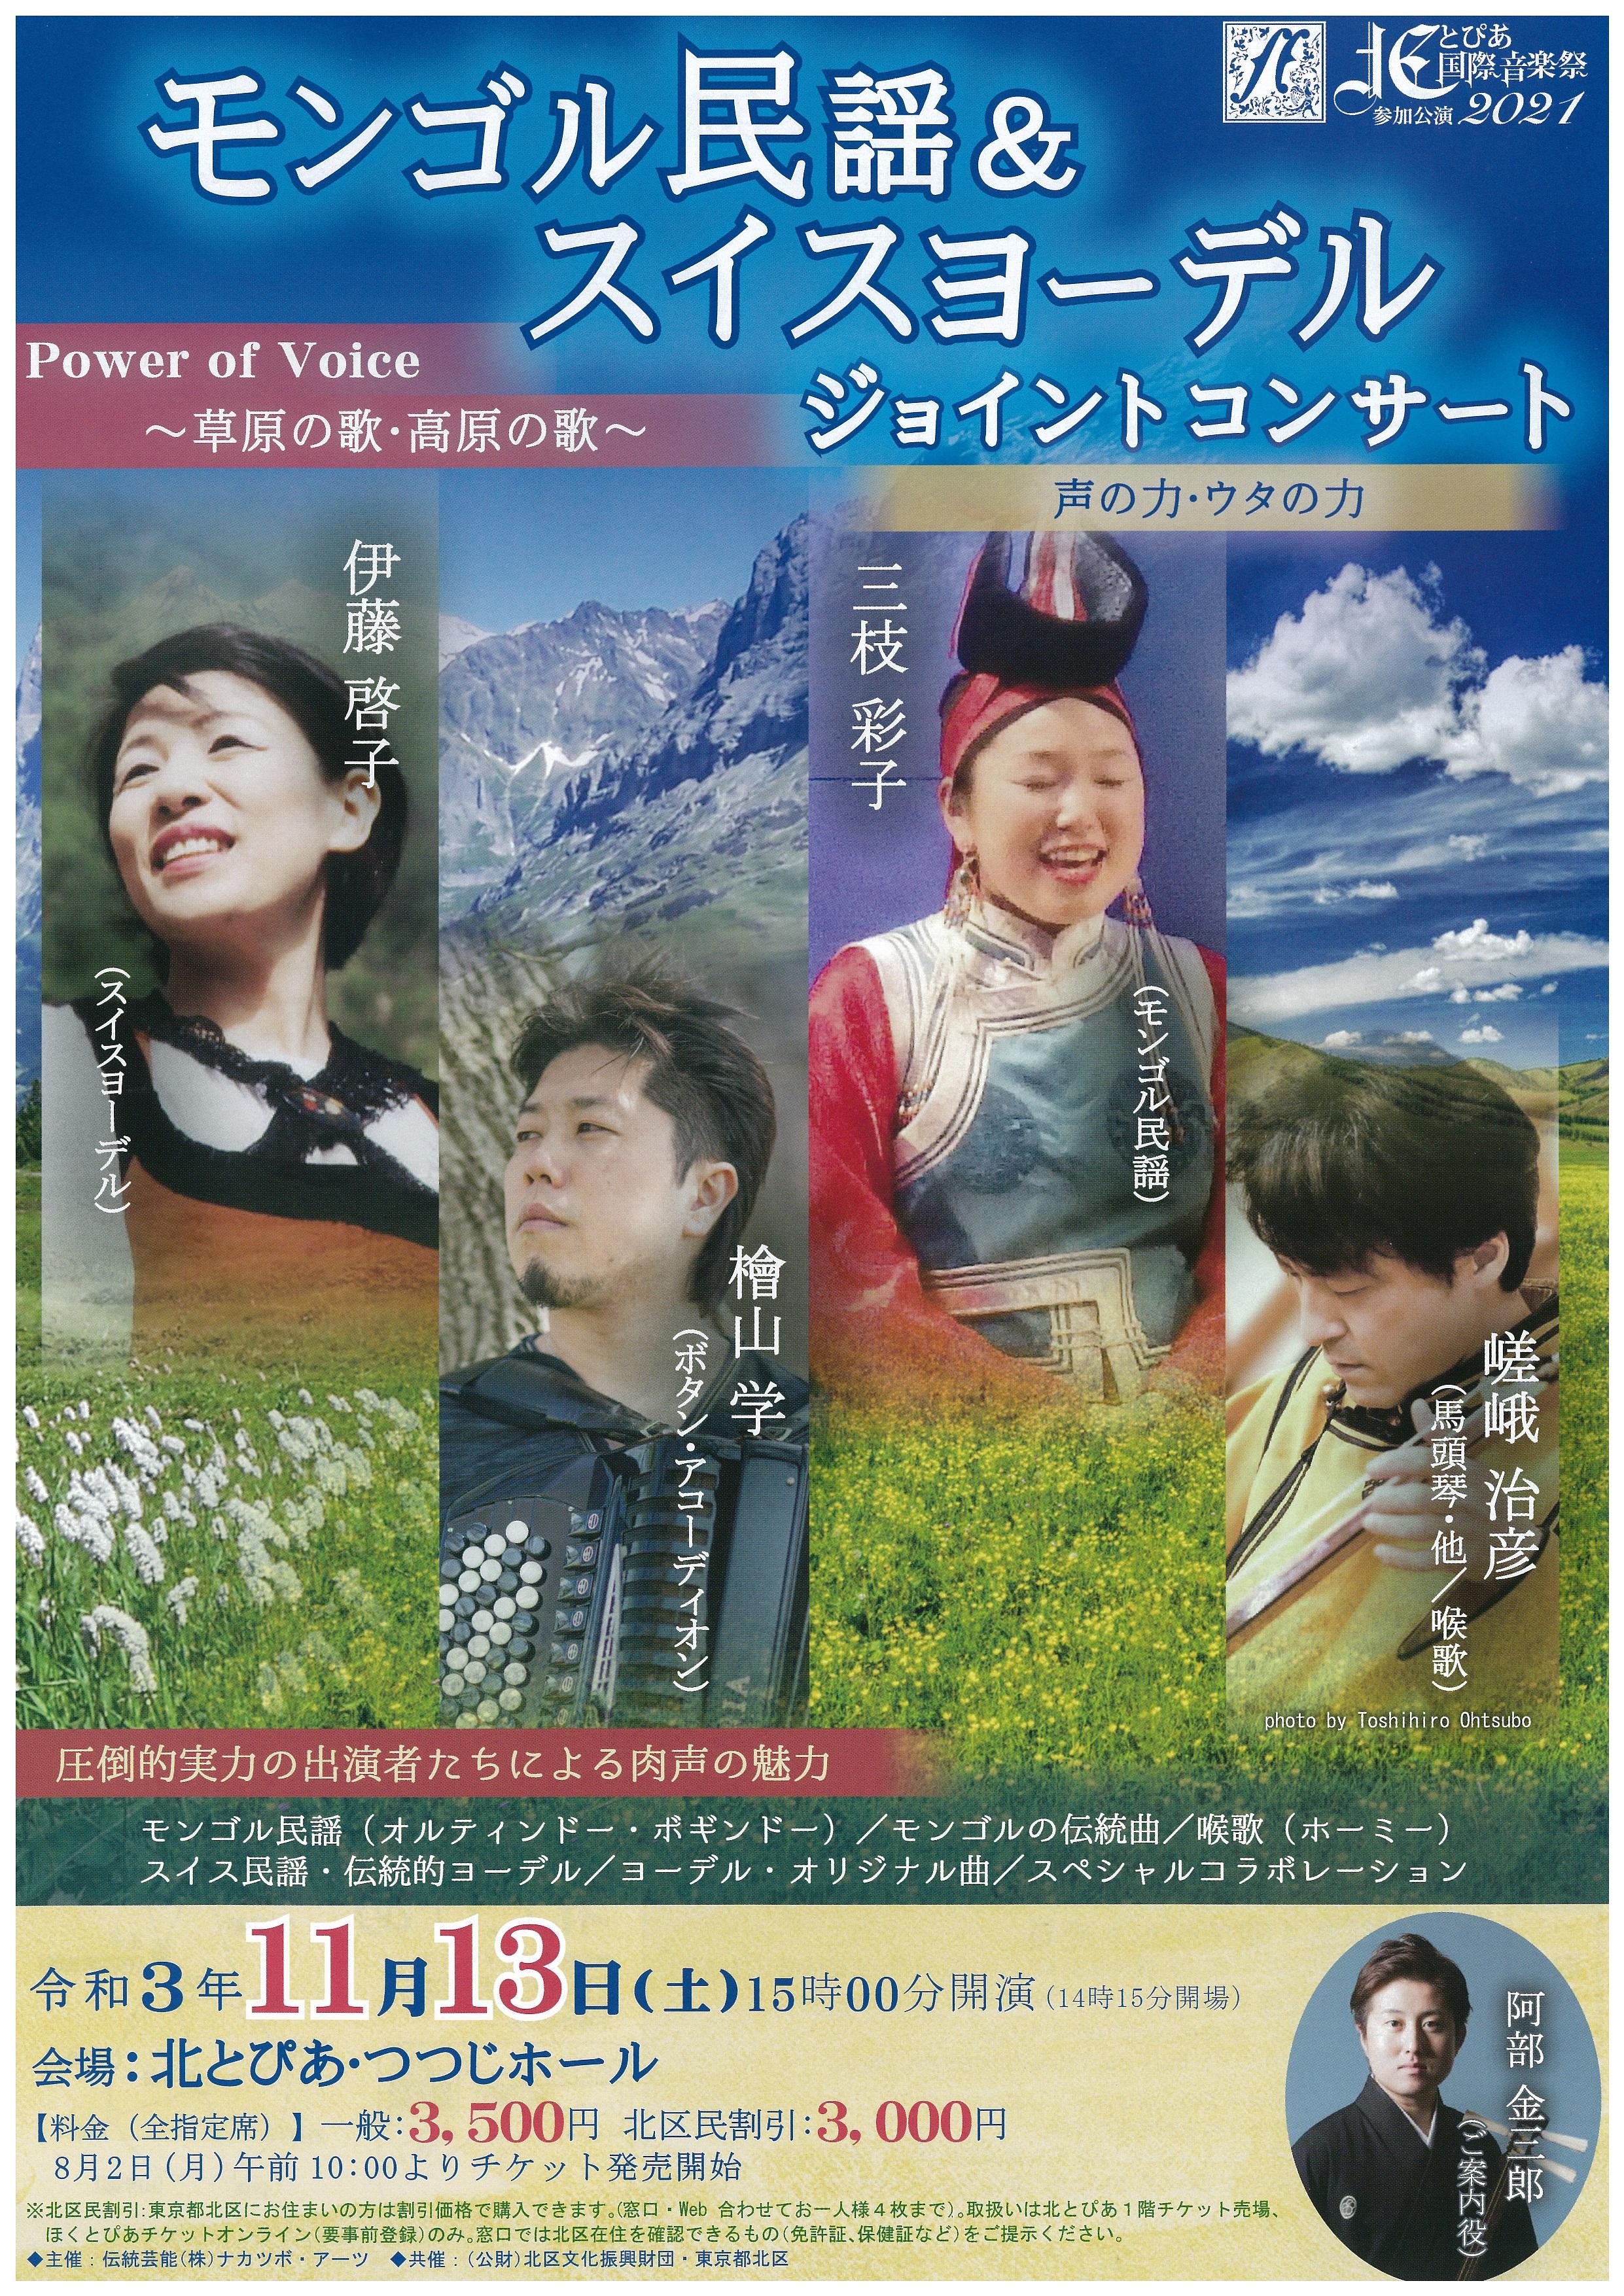 北とぴあ国際音楽祭2021<br>参加公演<br>Power of Voice ~草原の歌・高原の歌~<br>モンゴル民謡&スイスヨーデル ジョイントコンサートの画像